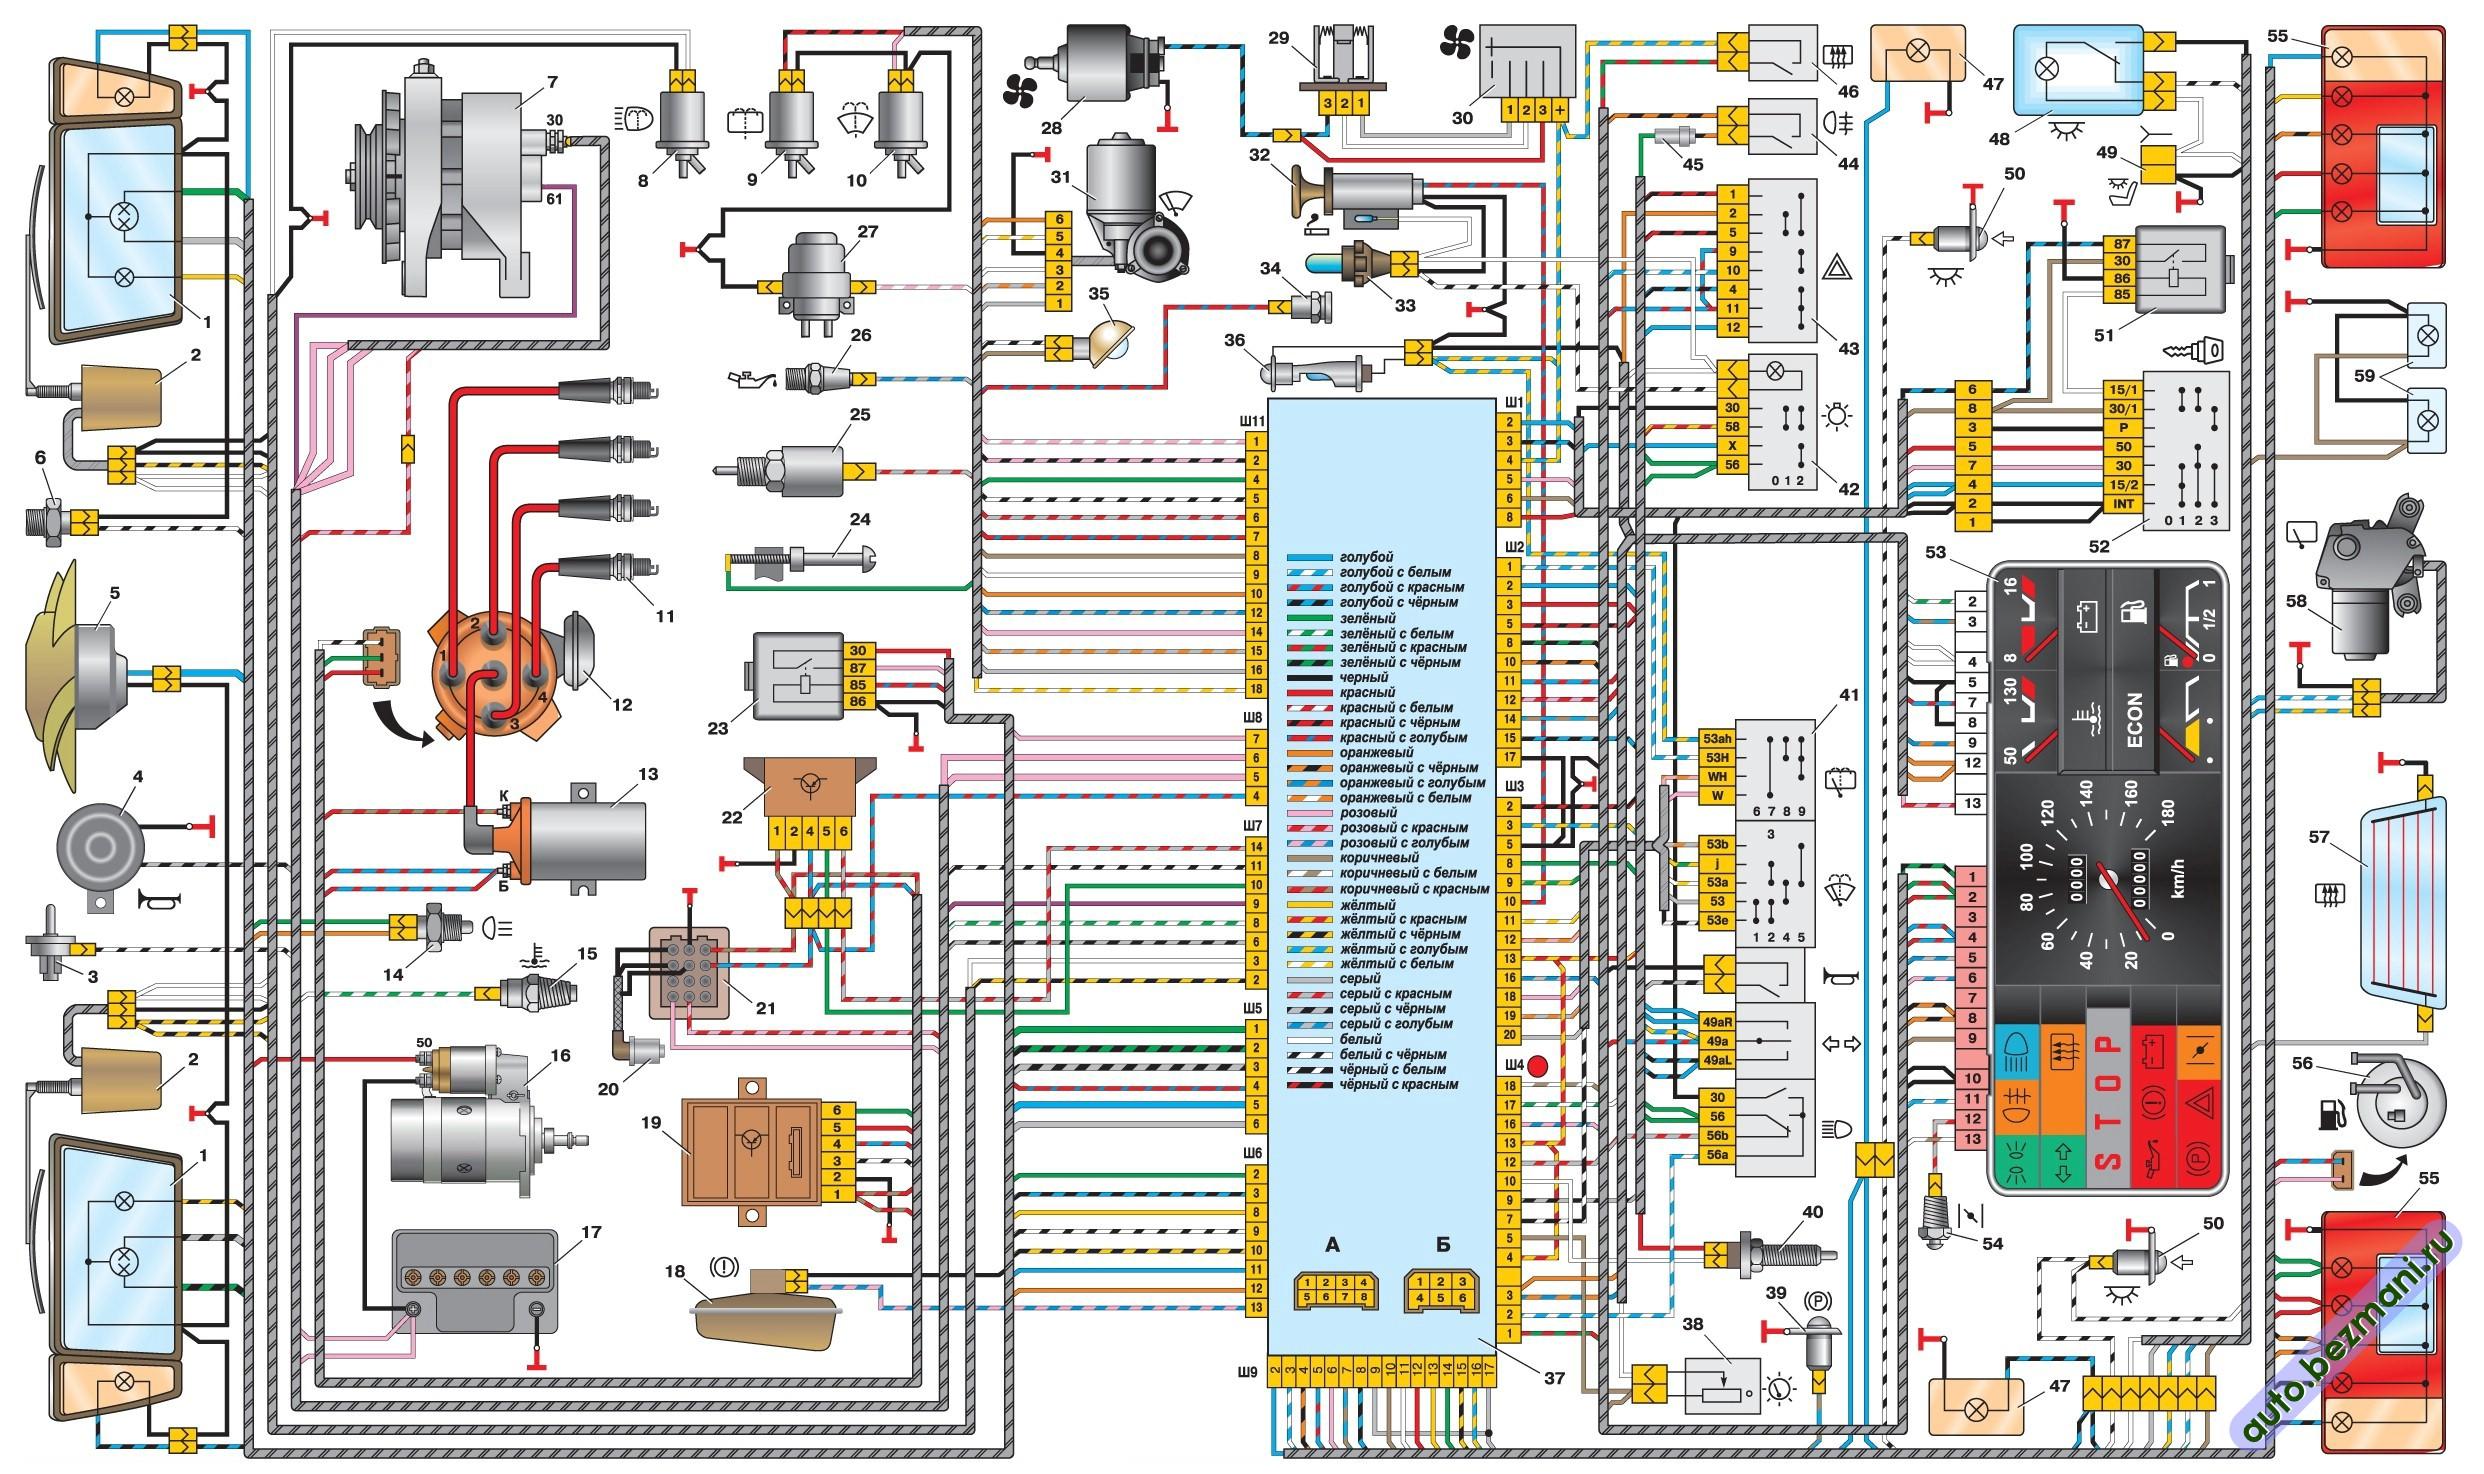 электрическая схема автомобилей ВАЗ-2108, ВАЗ-2109, ВАЗ-21099. низкая панель приборов